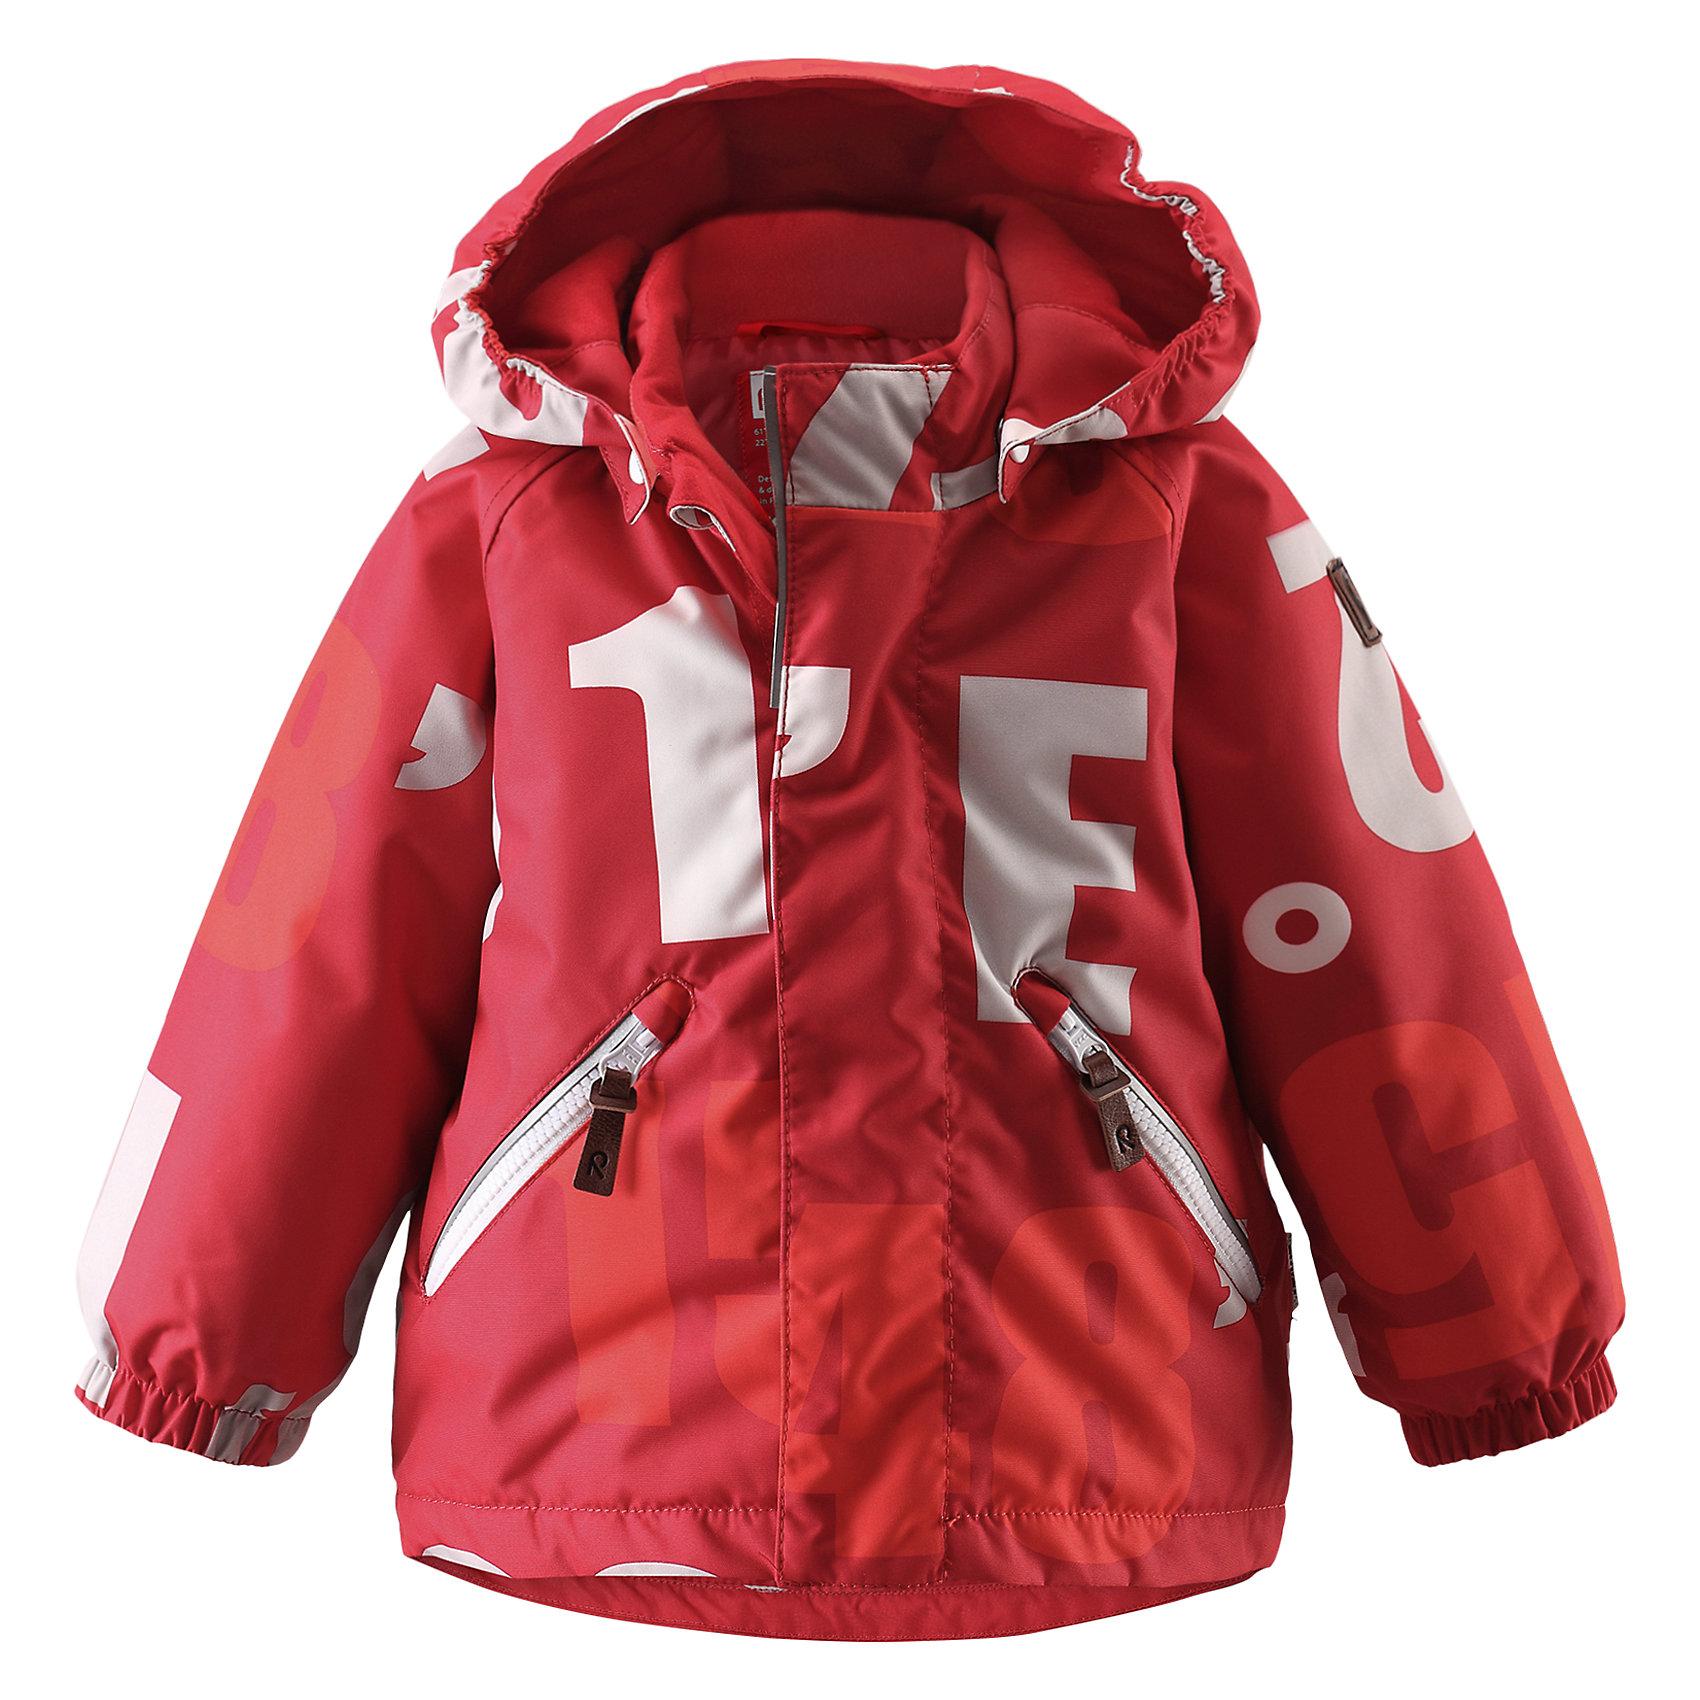 Куртка Nappaa для мальчика ReimaОдежда<br>Куртка для мальчика Reima<br>Зимняя куртка для малышей. Основные швы проклеены и не пропускают влагу. Водо- и ветронепроницаемый, «дышащий» и грязеотталкивающий материал. Гладкая подкладка из полиэстра. Безопасный, съемный капюшон. Эластичные манжеты. Два кармана на молнии. Безопасные светоотражающие детали.<br>Утеплитель: Reima® Soft Loft insulation,160 g<br>Уход:<br>Стирать по отдельности, вывернув наизнанку. Застегнуть молнии и липучки. Стирать моющим средством, не содержащим отбеливающие вещества. Полоскать без специального средства. Во избежание изменения цвета изделие необходимо вынуть из стиральной машинки незамедлительно после окончания программы стирки. Сушить при низкой температуре.<br>Состав:<br>100% Полиамид, полиуретановое покрытие<br><br>Ширина мм: 356<br>Глубина мм: 10<br>Высота мм: 245<br>Вес г: 519<br>Цвет: красный<br>Возраст от месяцев: 9<br>Возраст до месяцев: 12<br>Пол: Мужской<br>Возраст: Детский<br>Размер: 80,98,92,86<br>SKU: 4776078